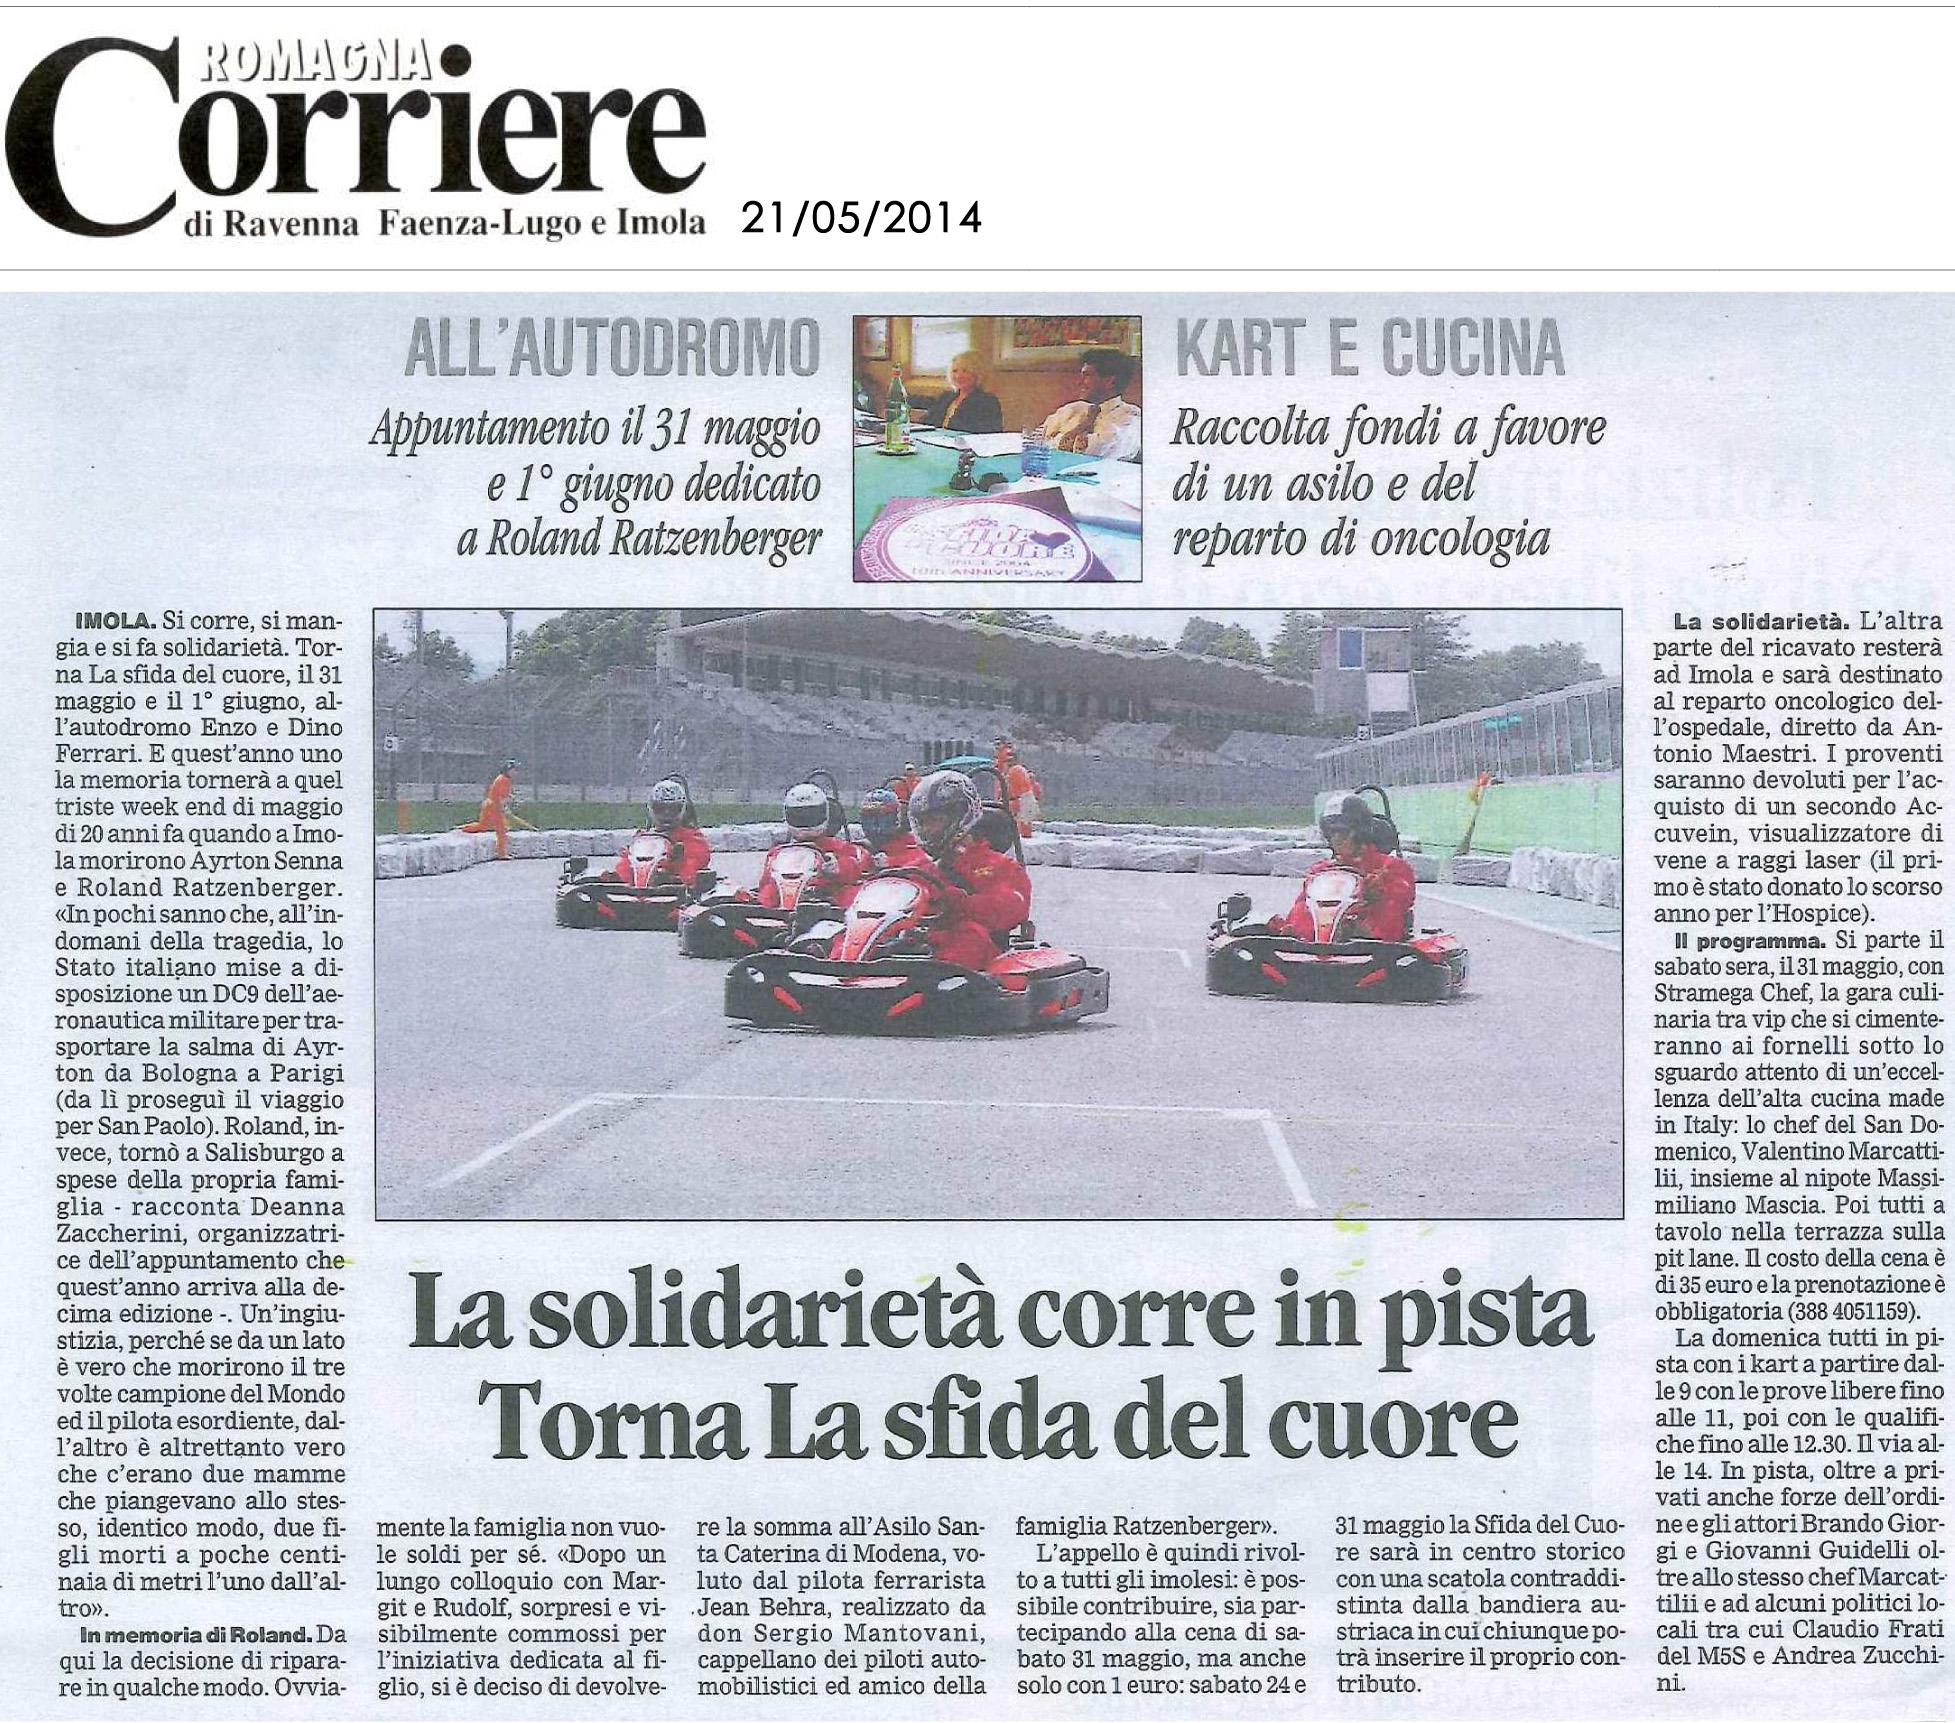 Corriere_21_05